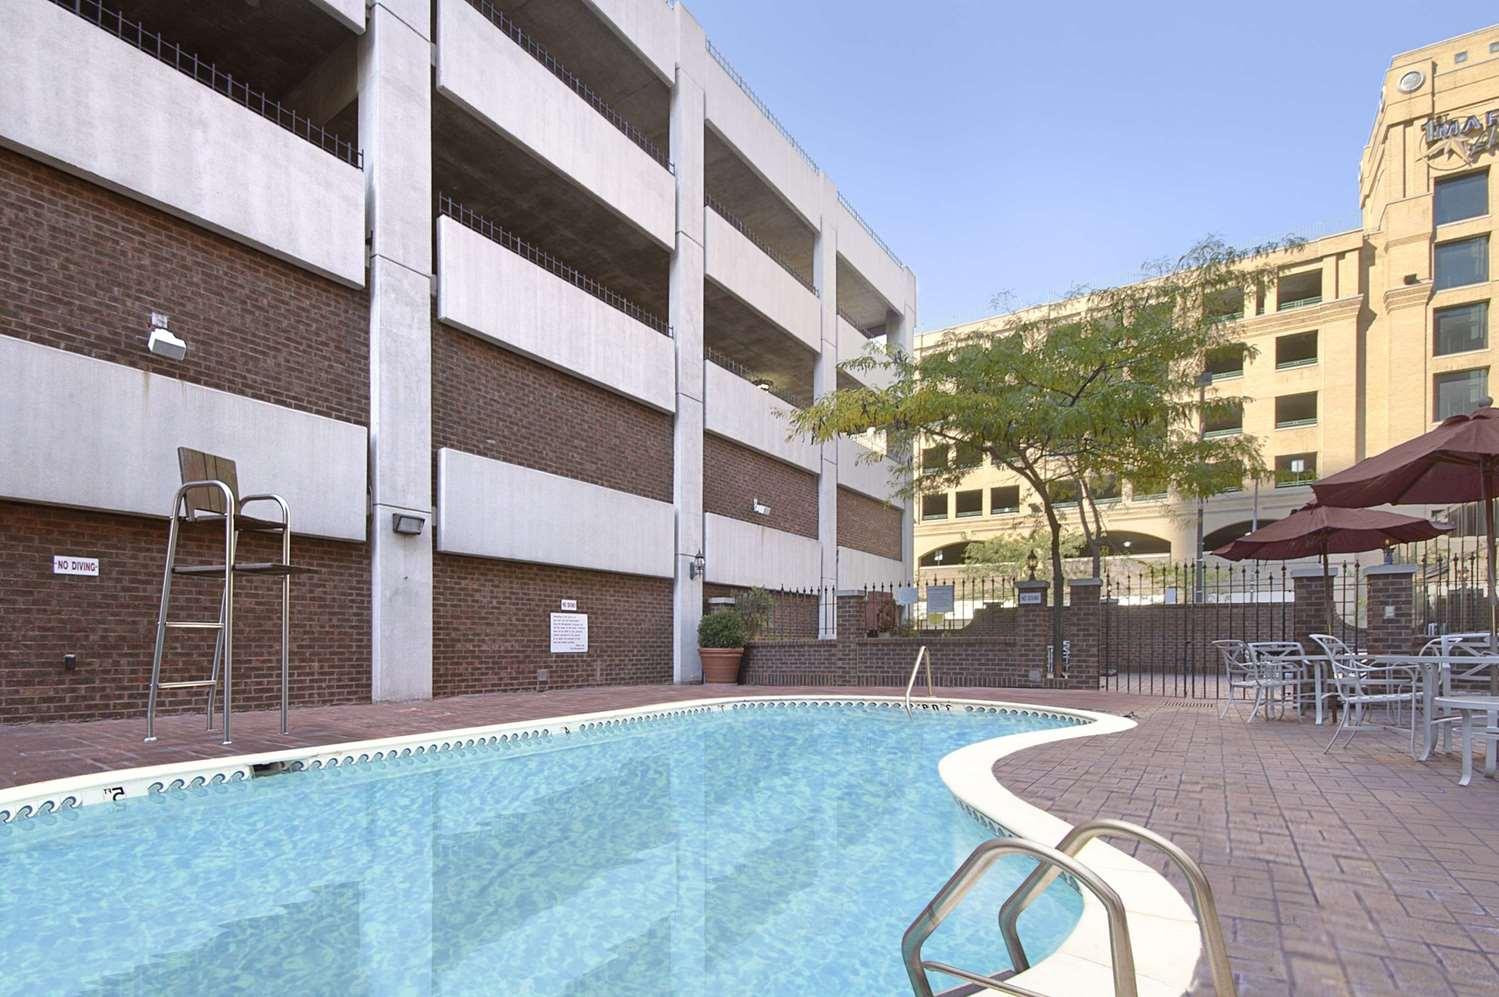 Pool - Days Inn Camden Yards Baltimore